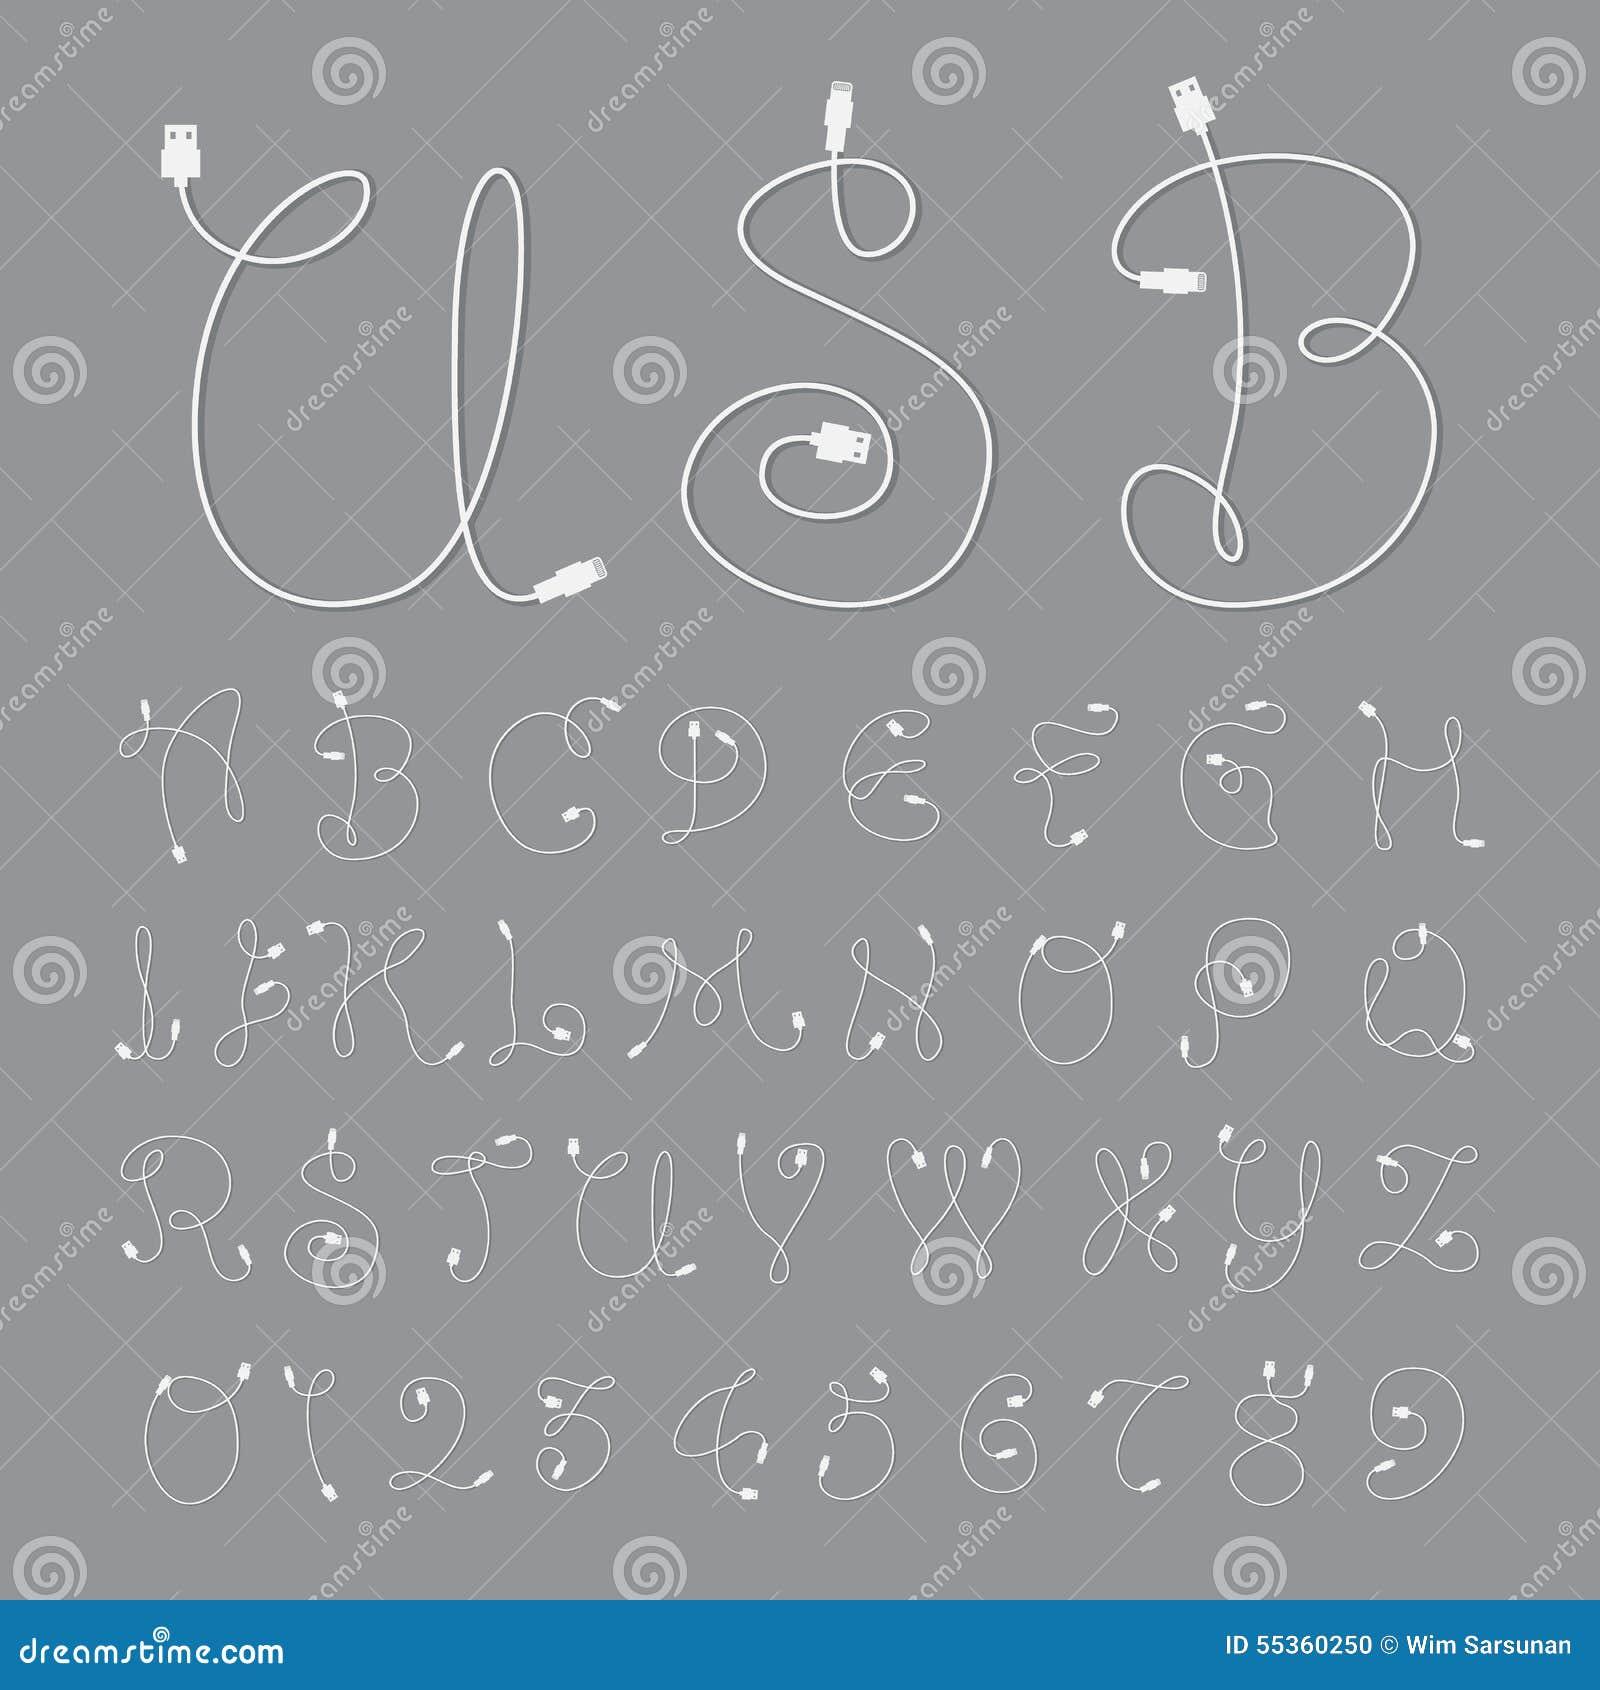 Fonti alfabetiche e numeri con stile del usb